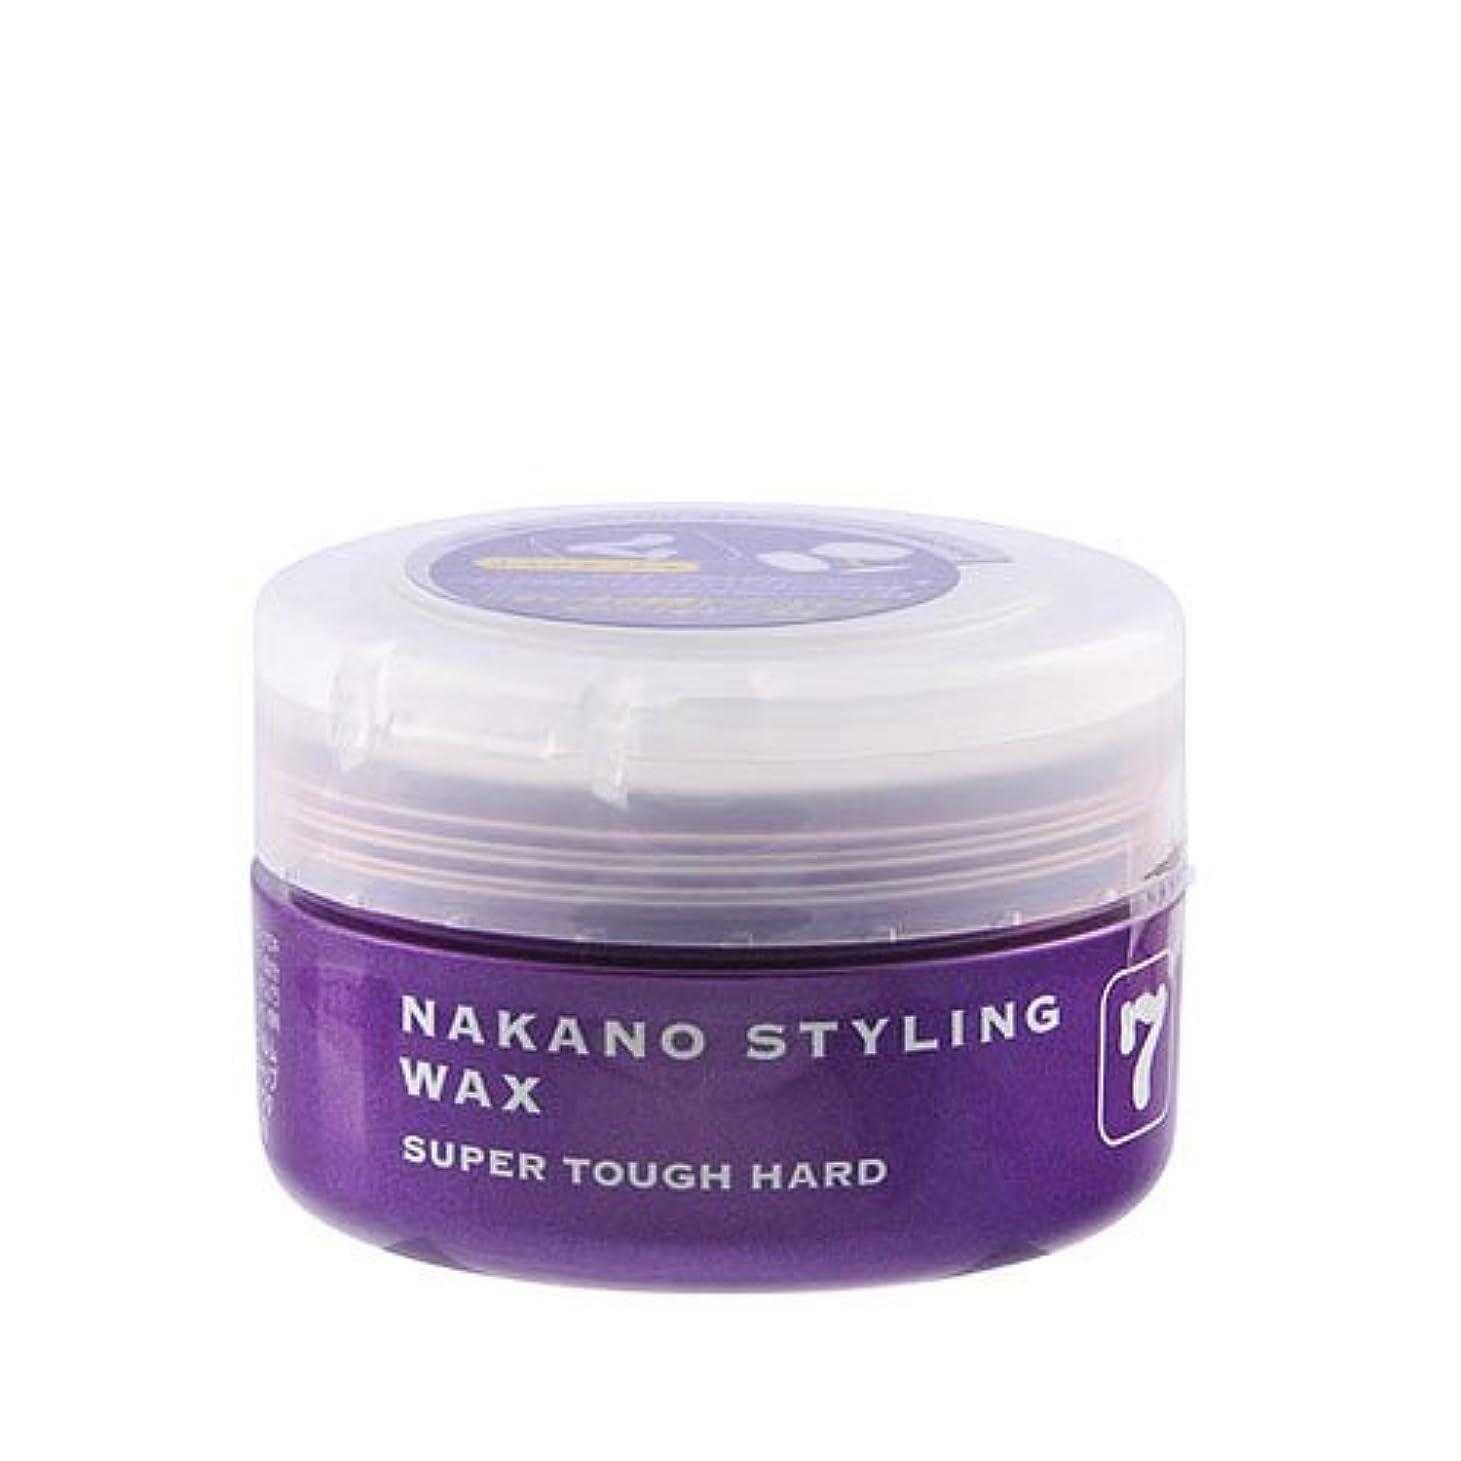 確保する窒素スコットランド人ナカノ スタイリングワックス 7 スーパータフハード 90g 中野製薬 NAKANO